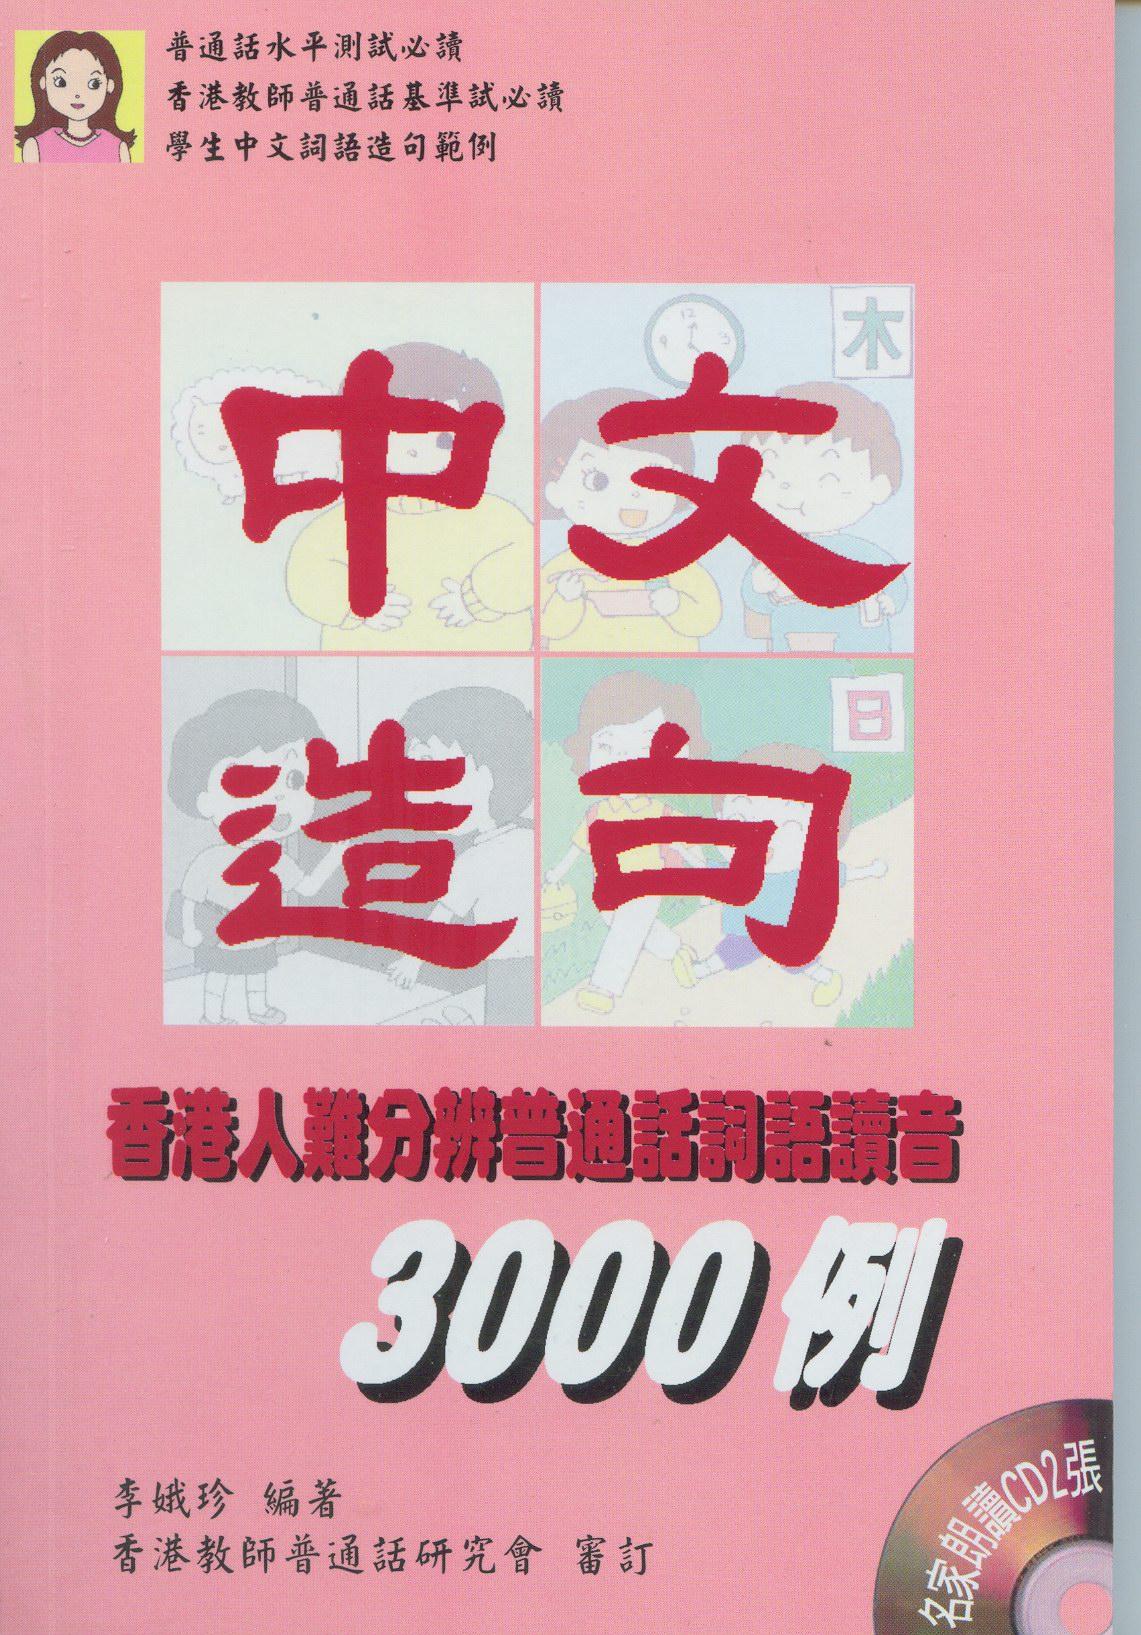 香港人難分辨普通話詞語讀音3000例